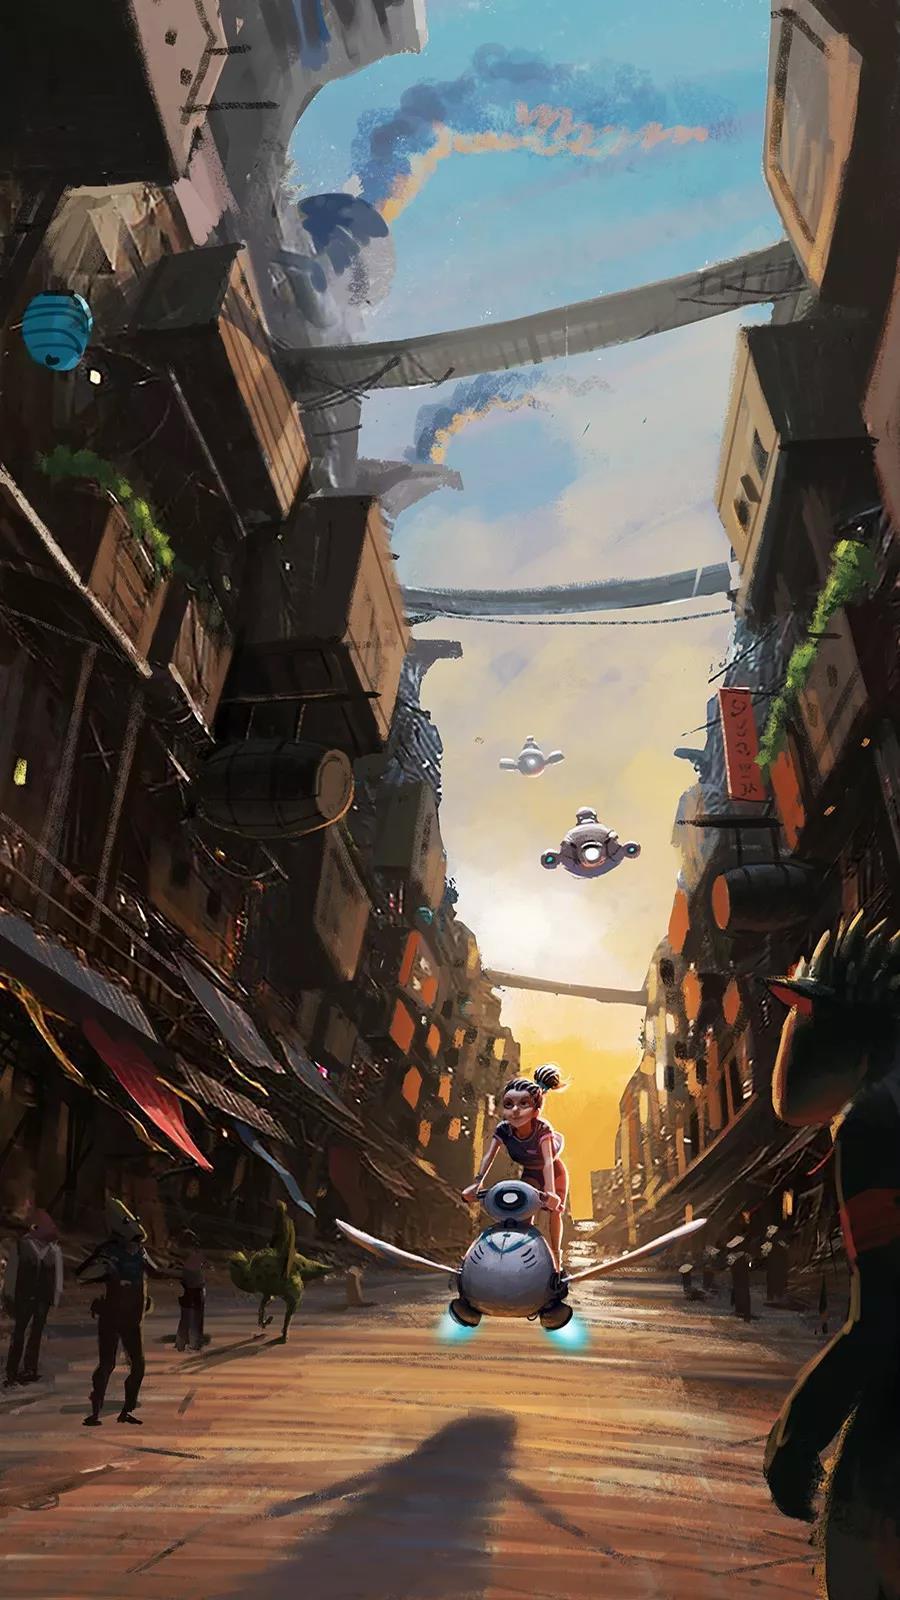 《星际快递》创作中的参考有哪些?